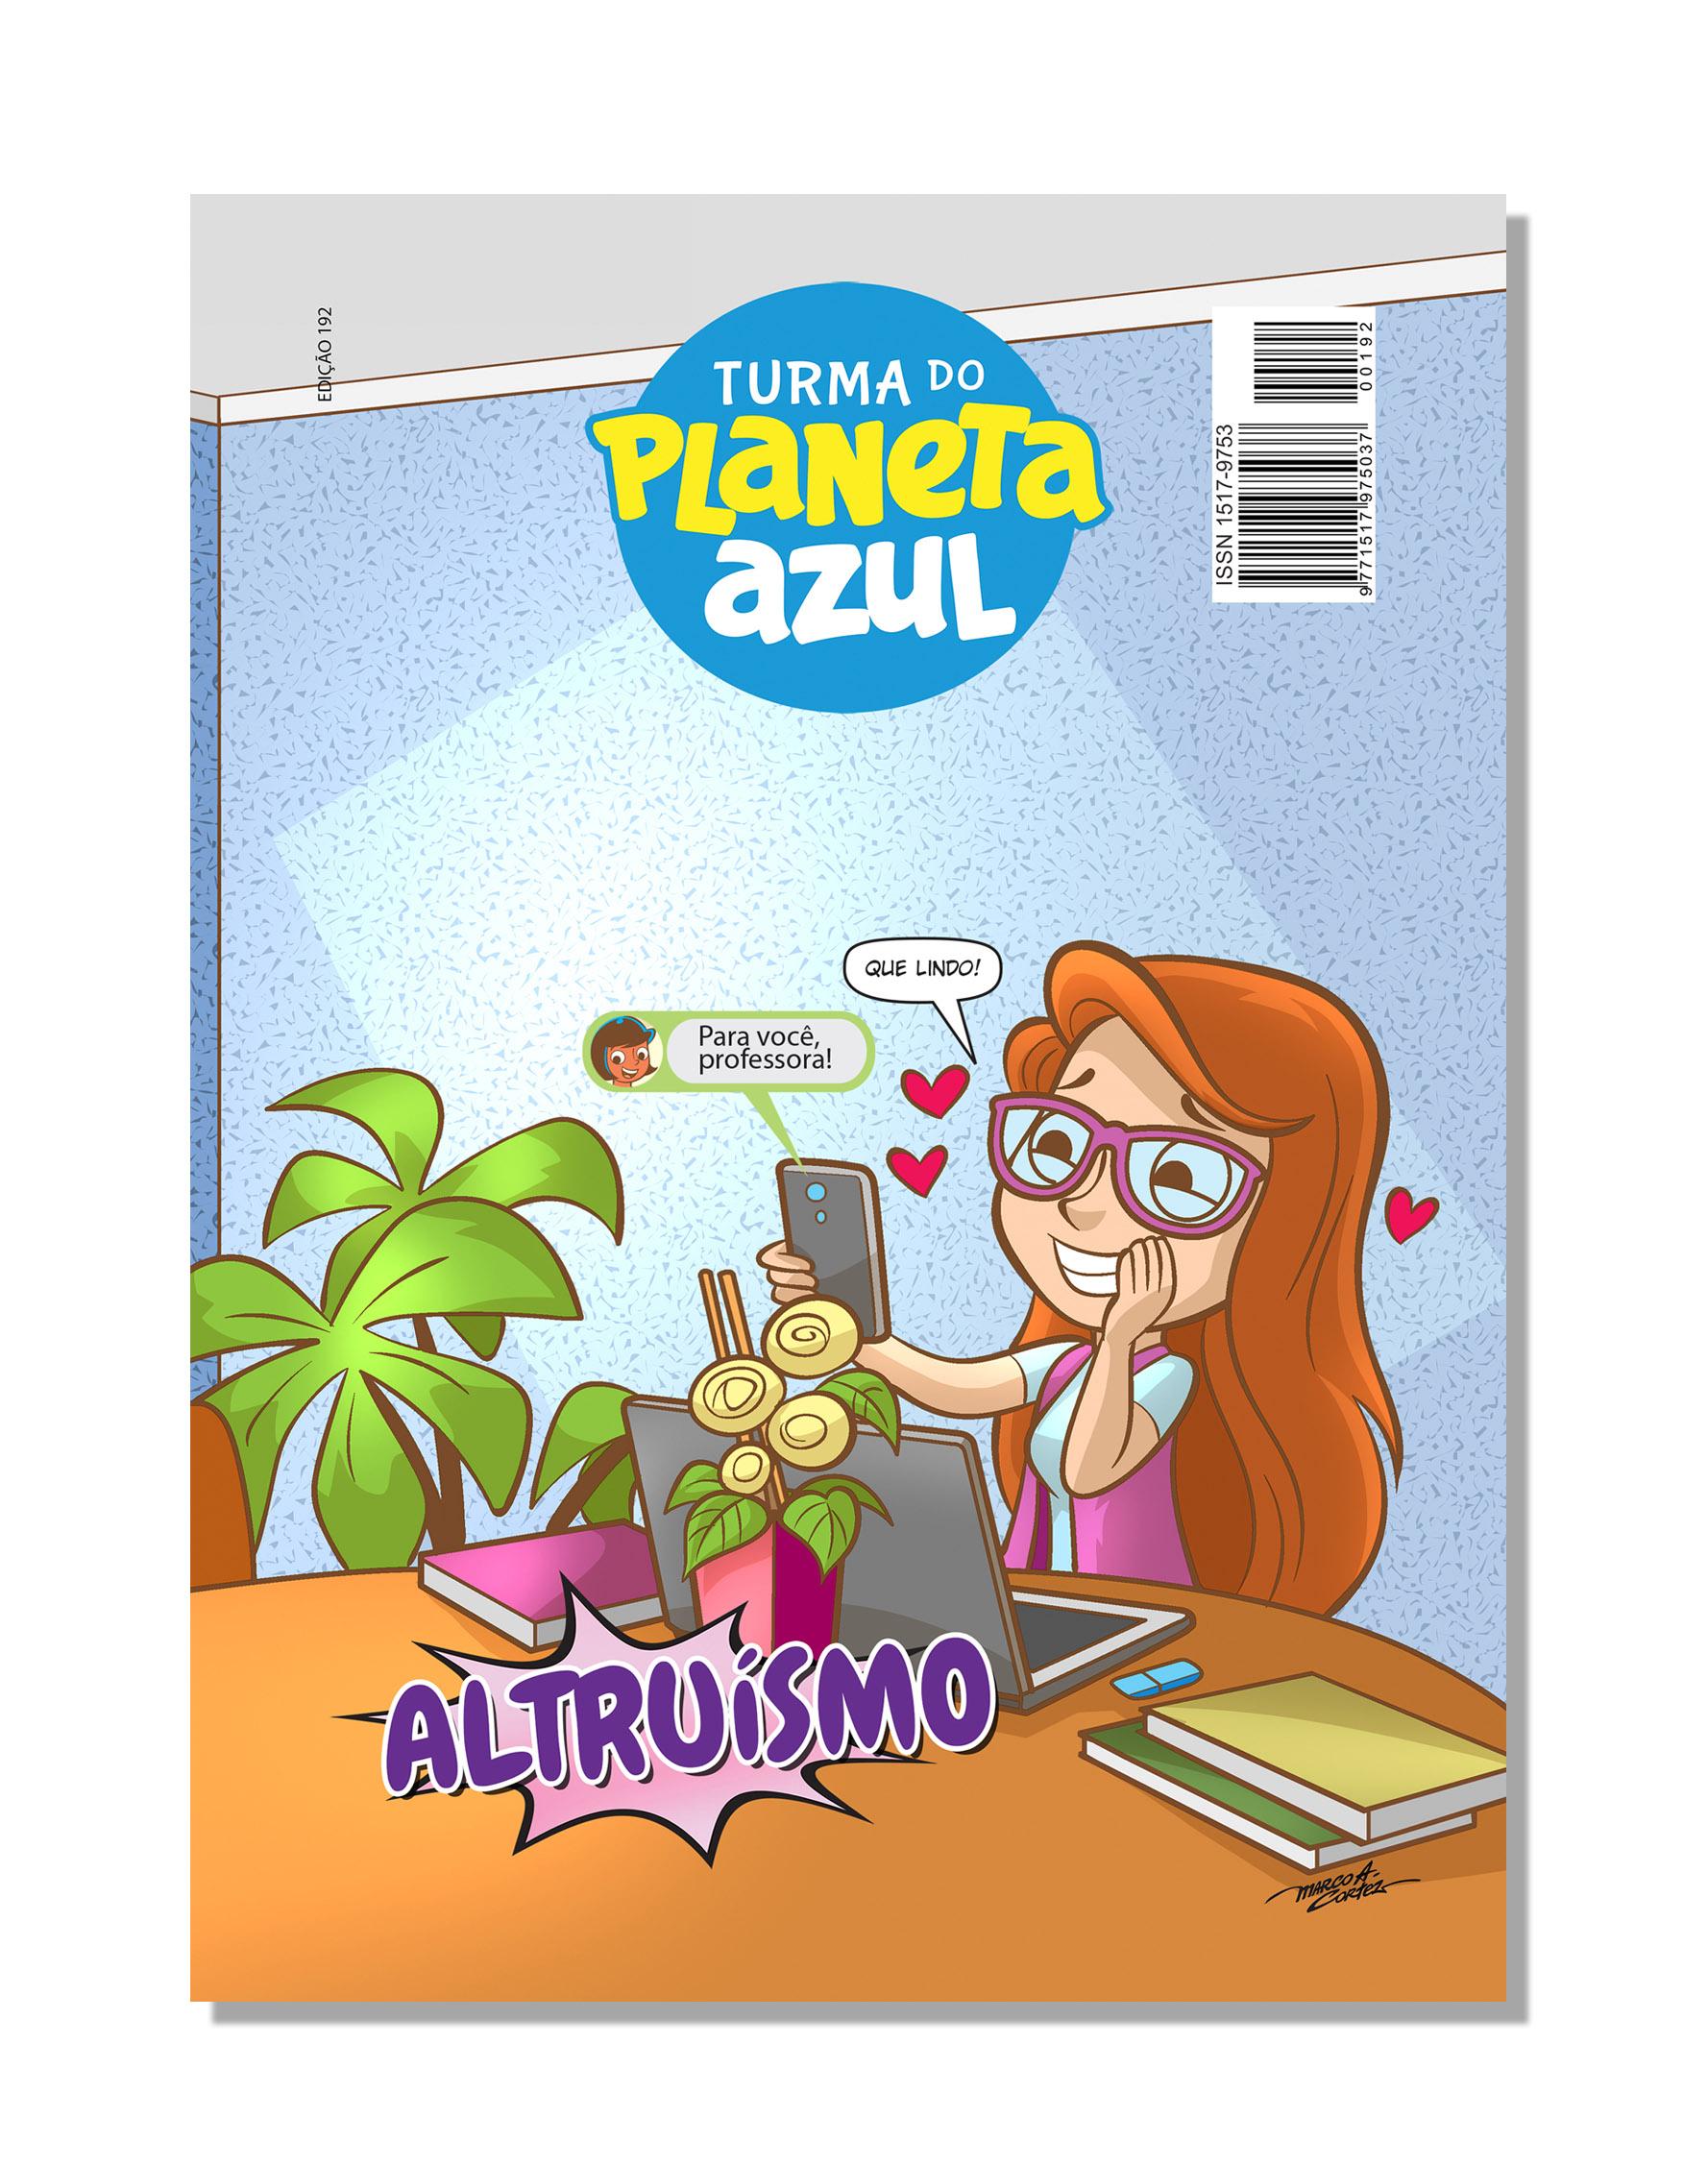 Revista Turma Planeta Azul - Ed 192 Altruismo